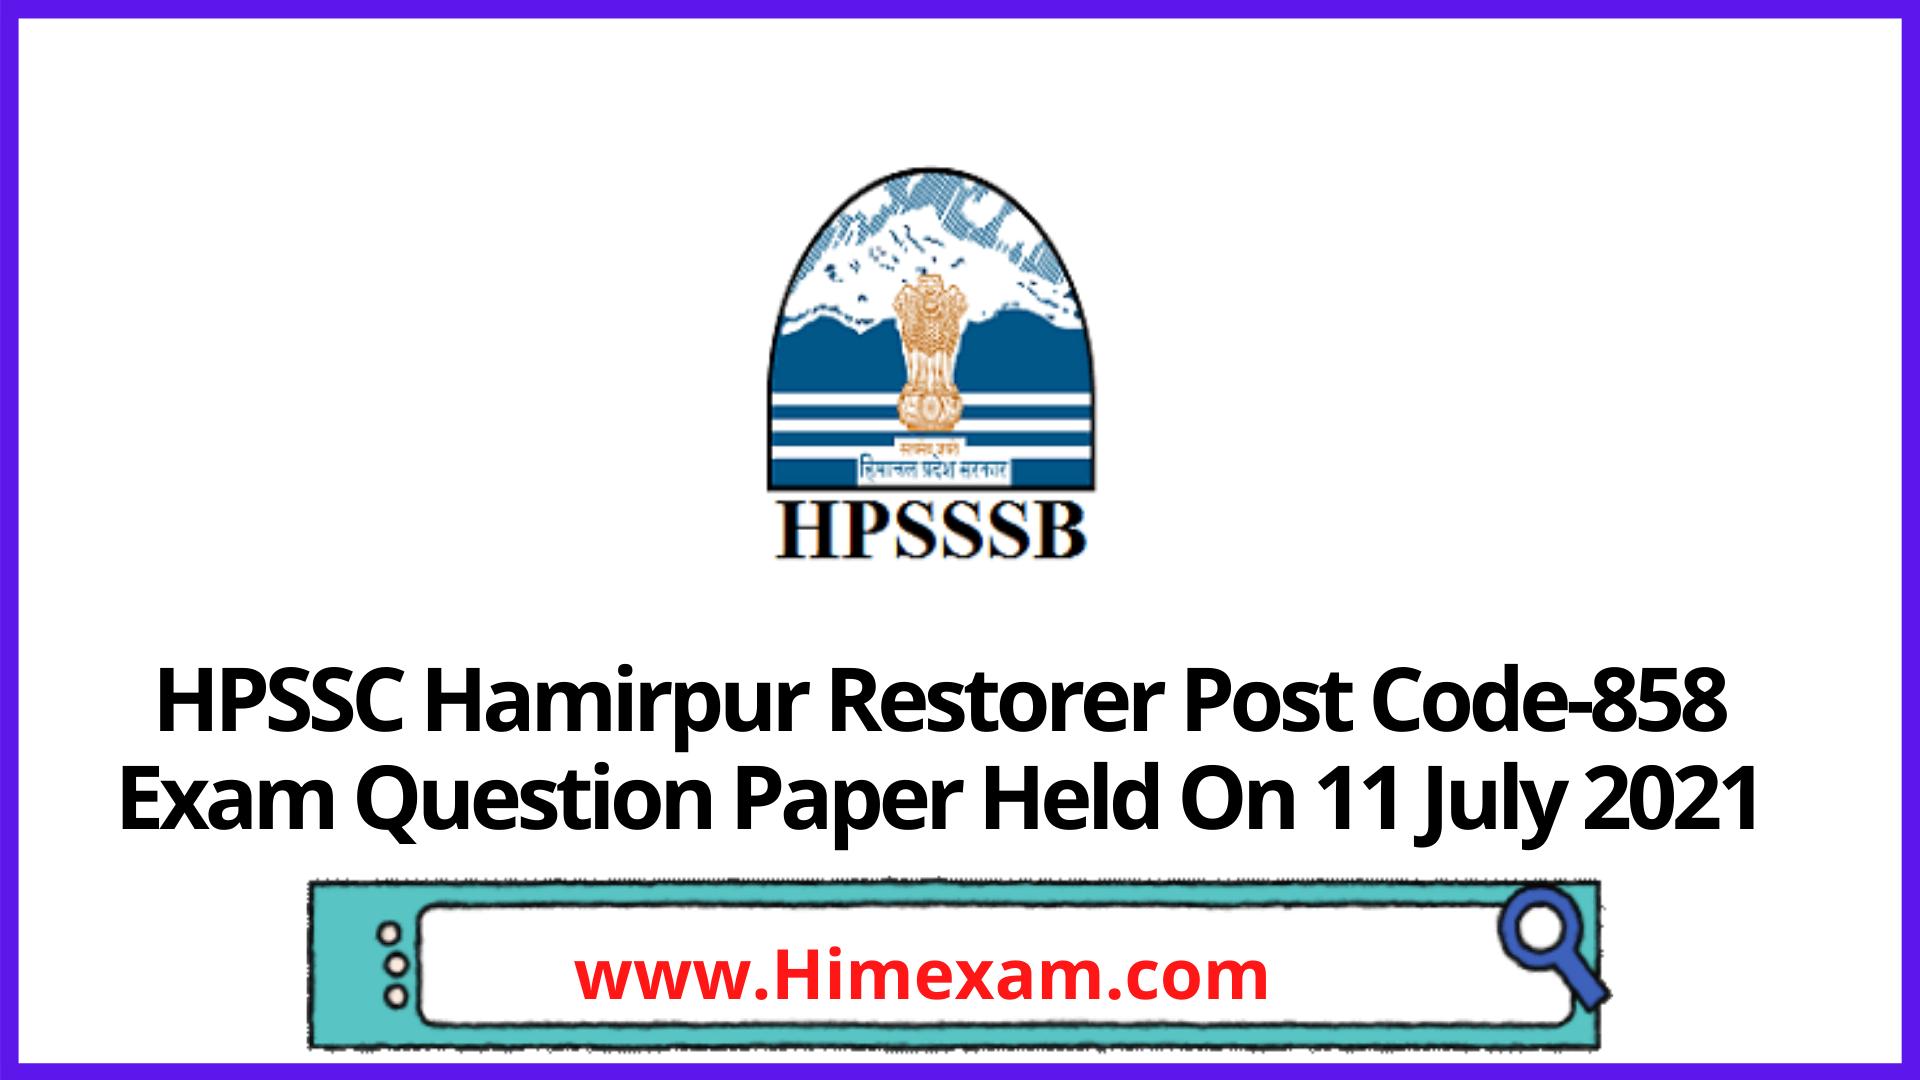 HPSSC Hamirpur Restorer Post Code-858 Exam Question Paper Held On 11 July 2021